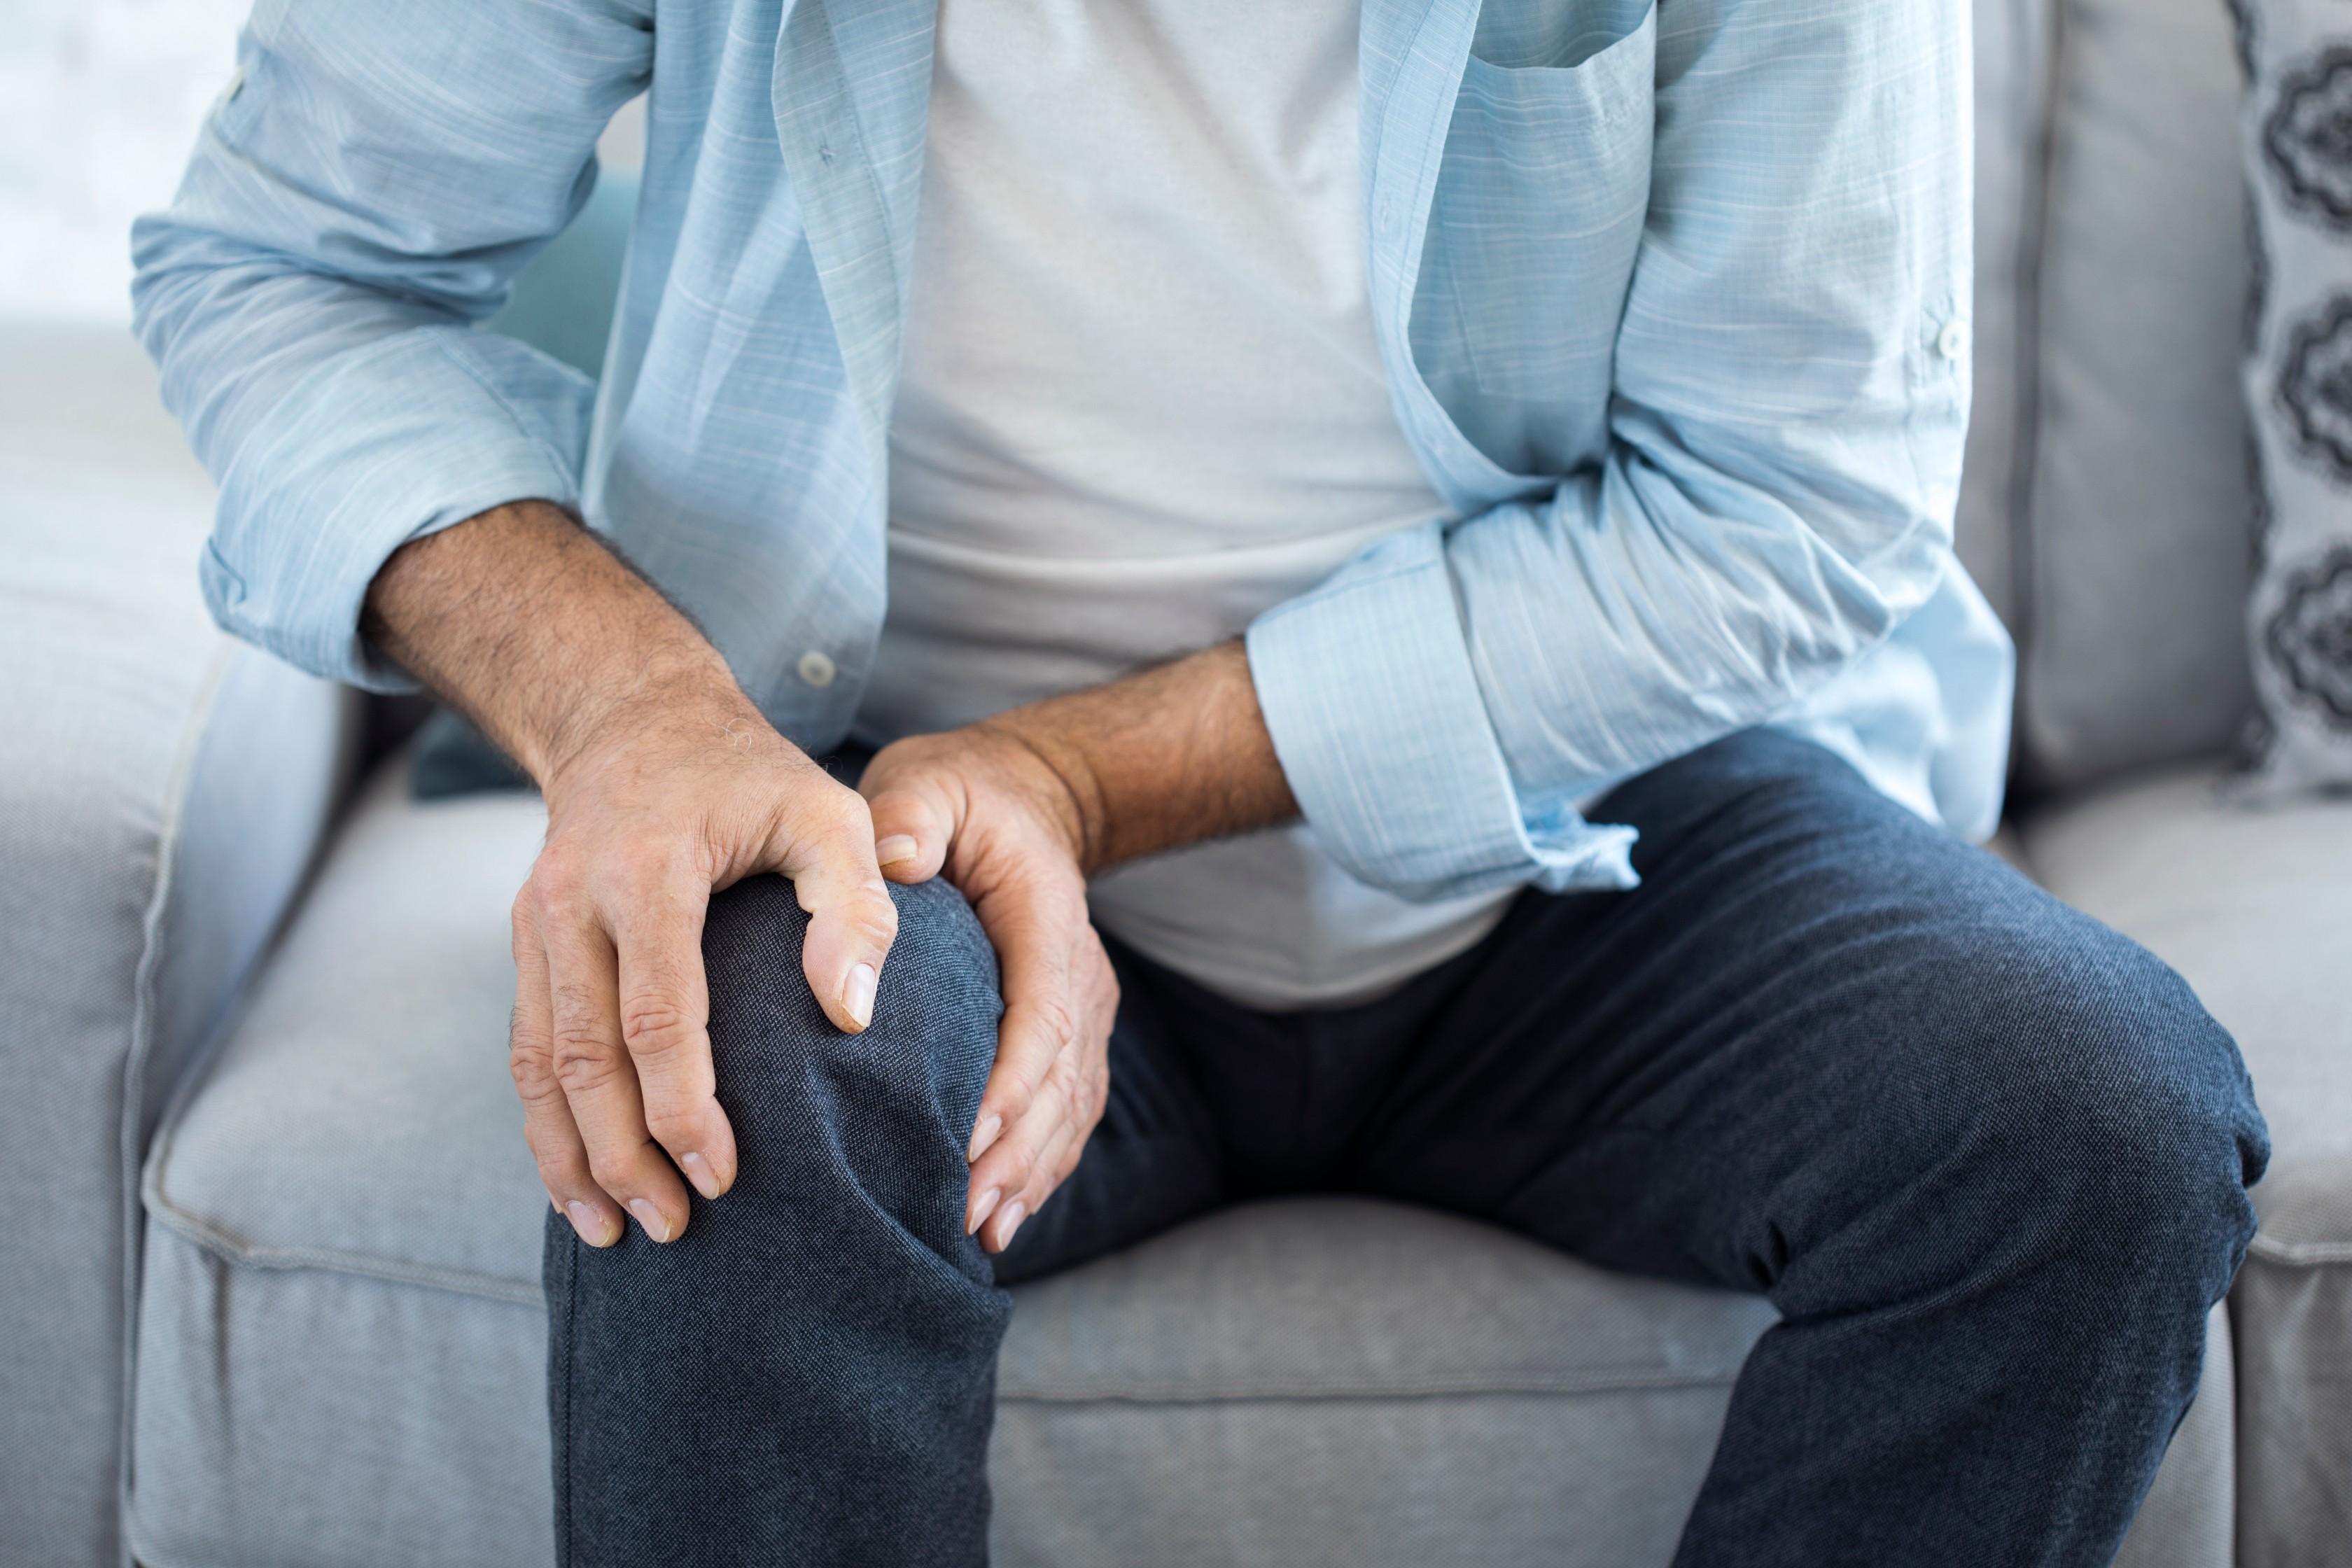 ózonterápia ízületi fájdalmak esetén